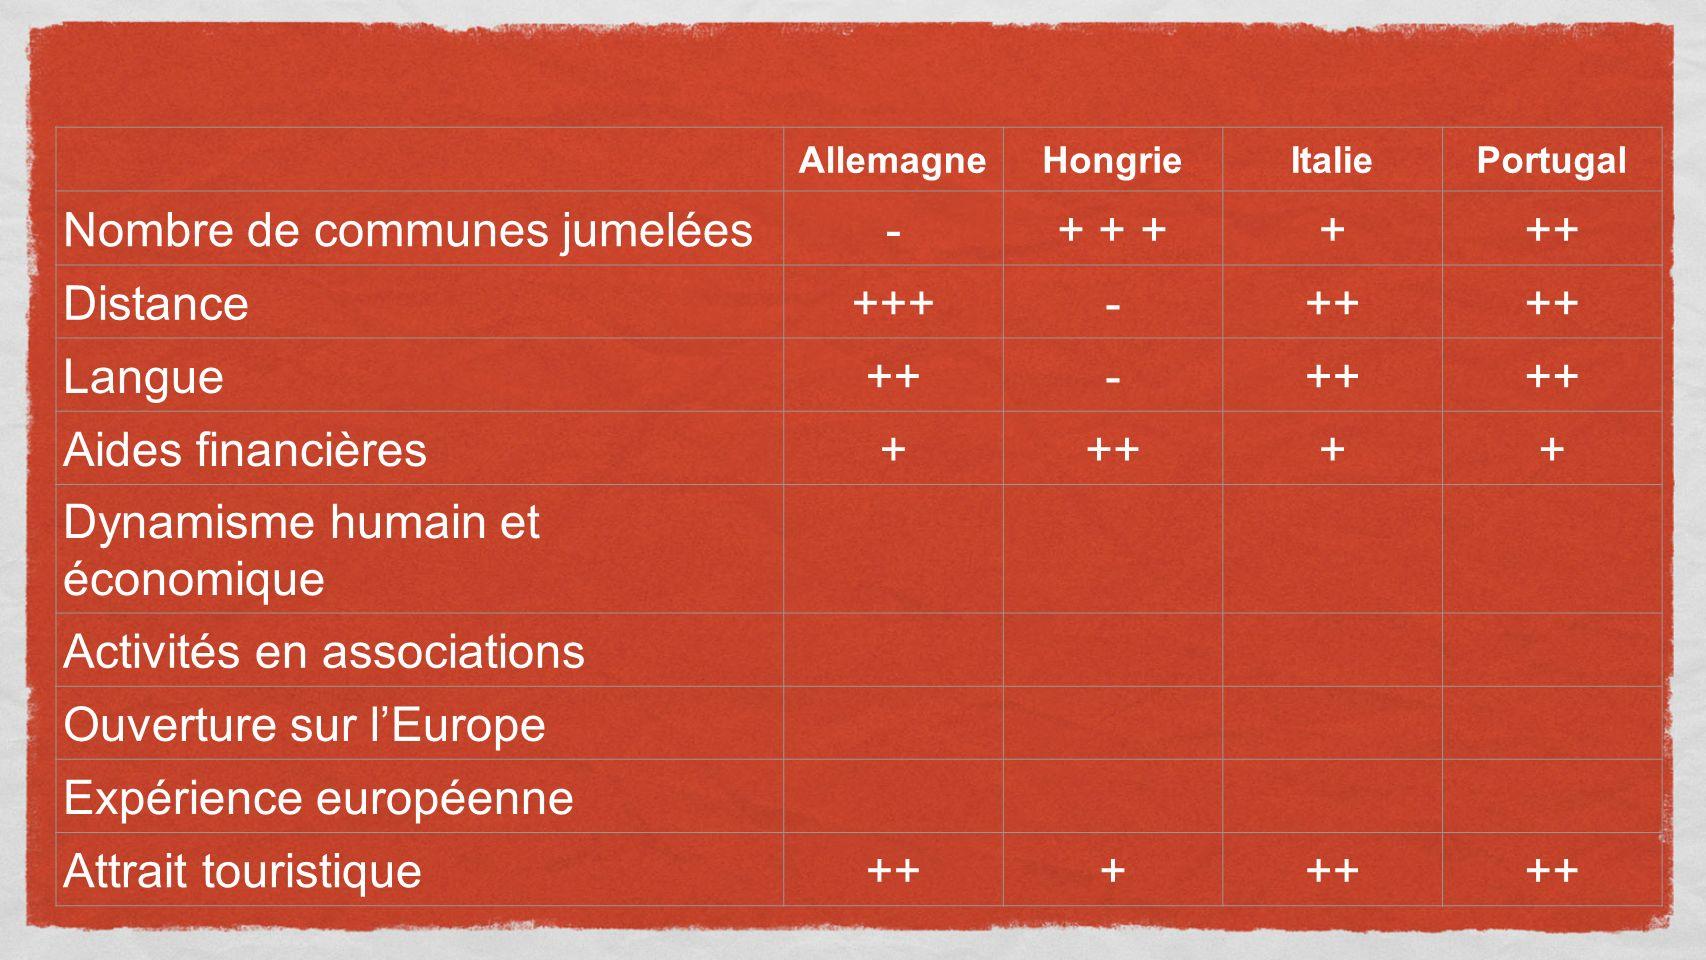 AllemagneHongrieItaliePortugal Nombre de communes jumelées-+ + ++++ Distance+++-++ Langue++- Aides financières+++++ Dynamisme humain et économique Activités en associations Ouverture sur lEurope Expérience européenne Attrait touristique+++